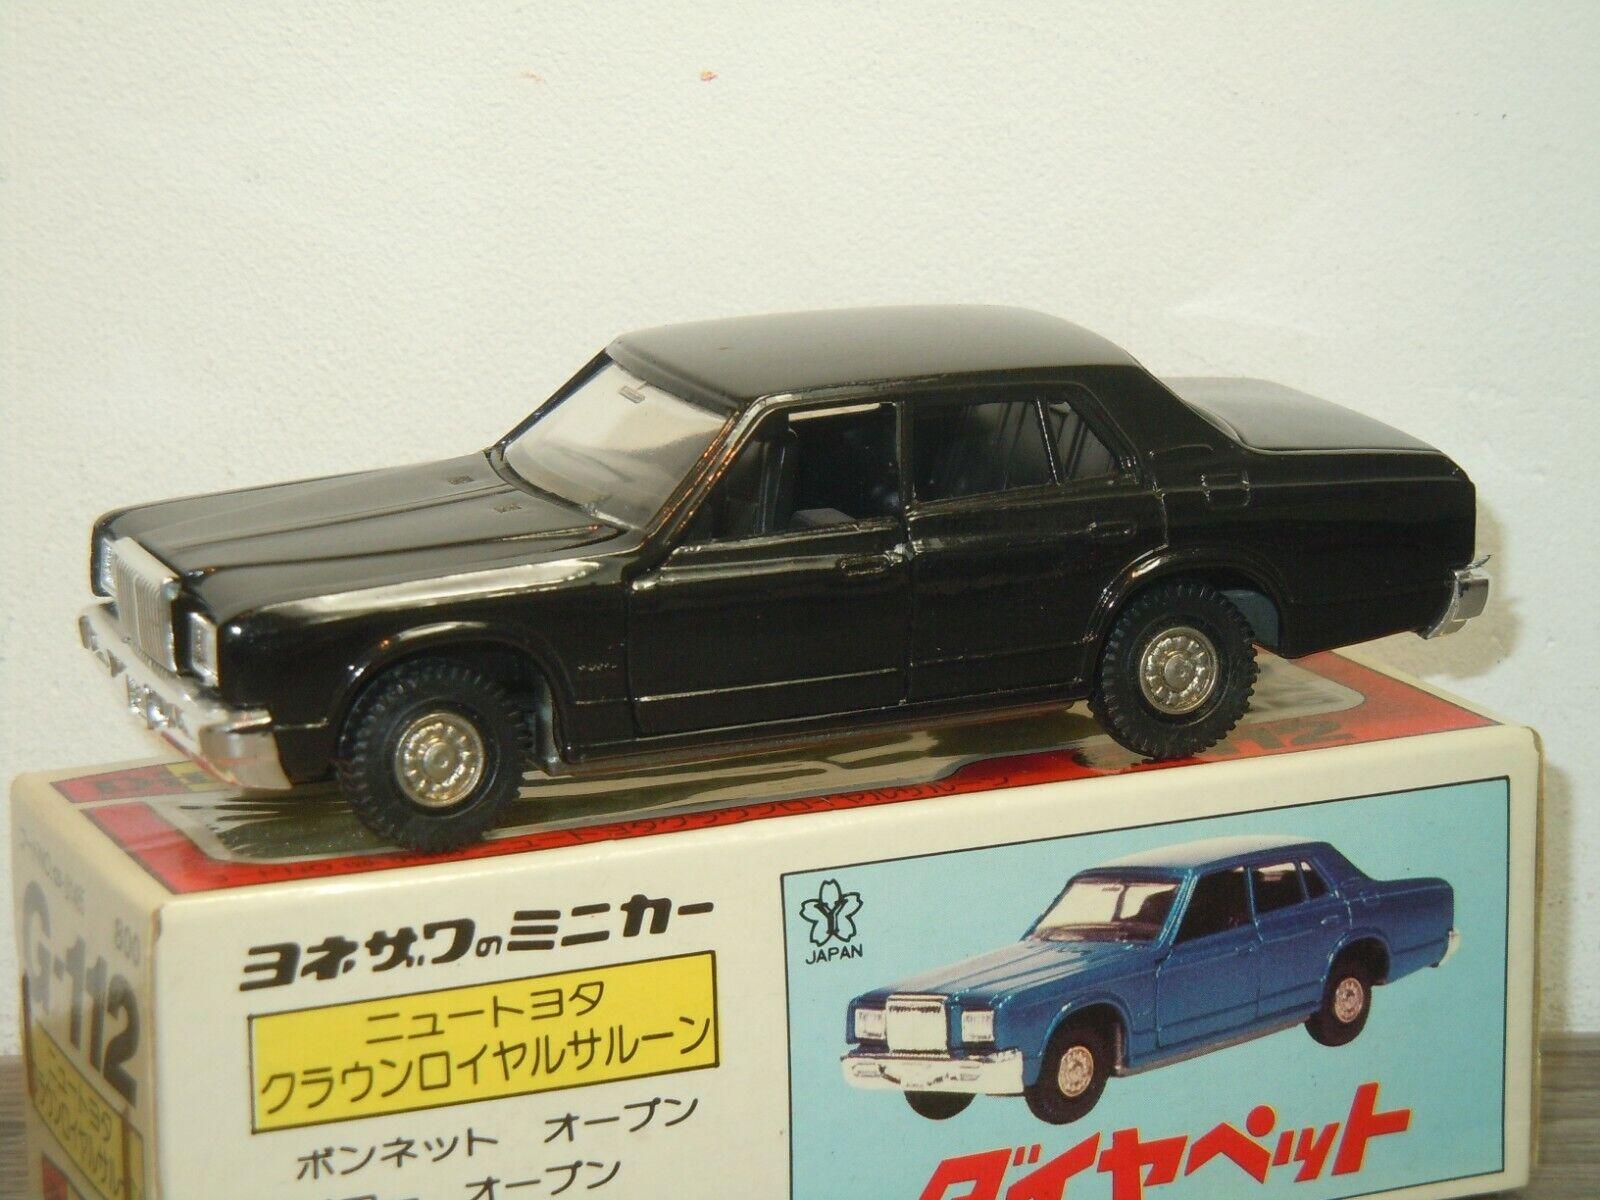 Toyota New Crown Royal Saloon - Diapet Yonezawa Toys G-112 - 1 40 in Box 39010